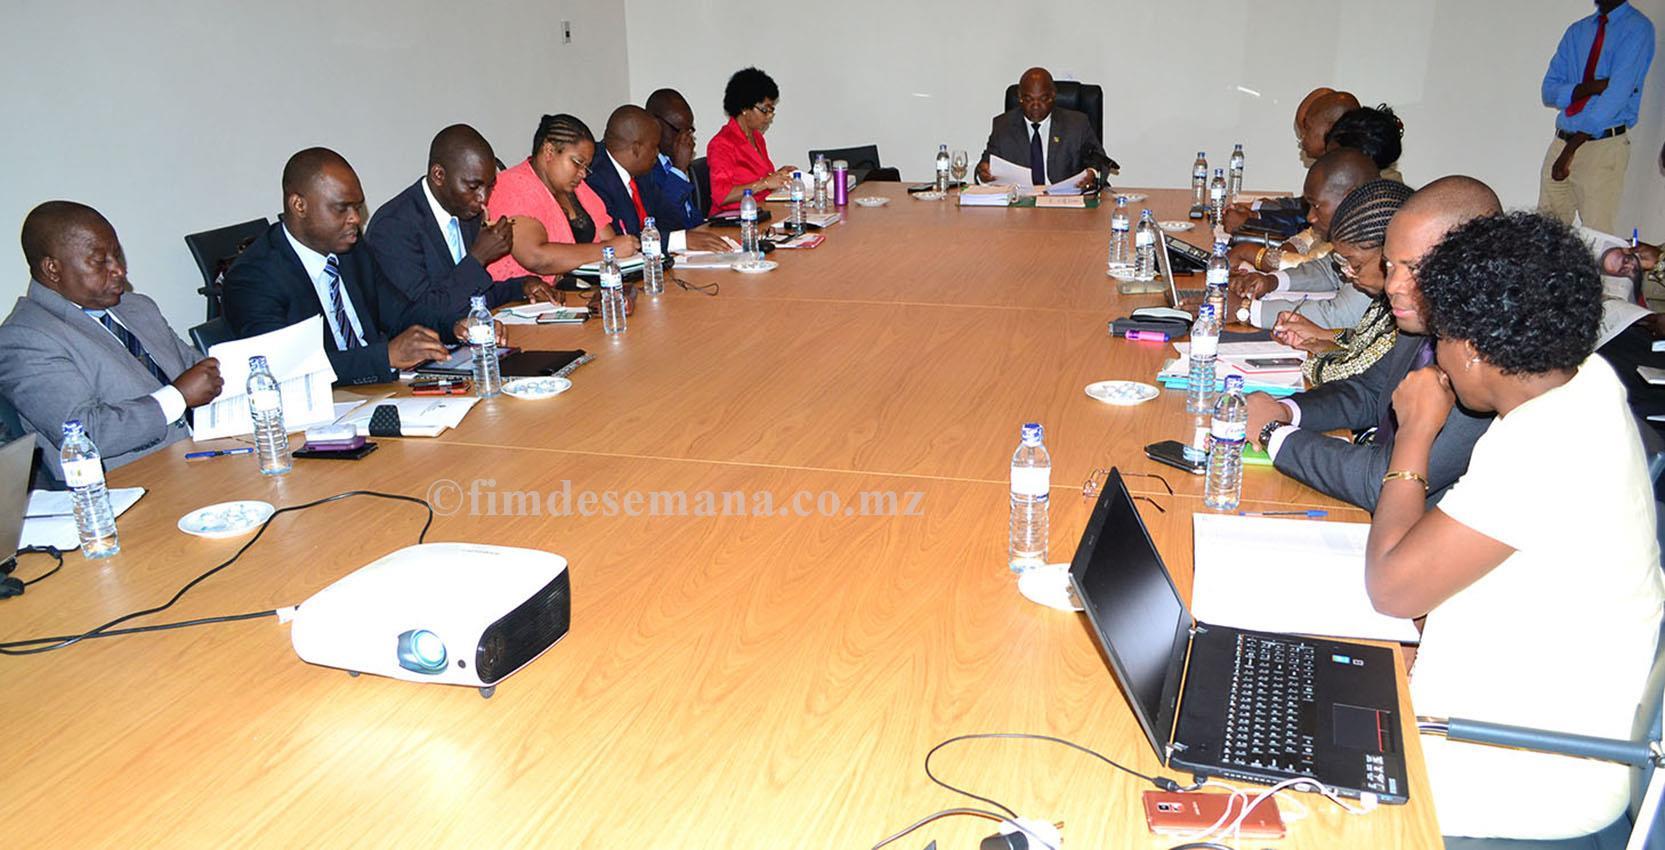 Participantes do Encontro com Directores Provinciais 2